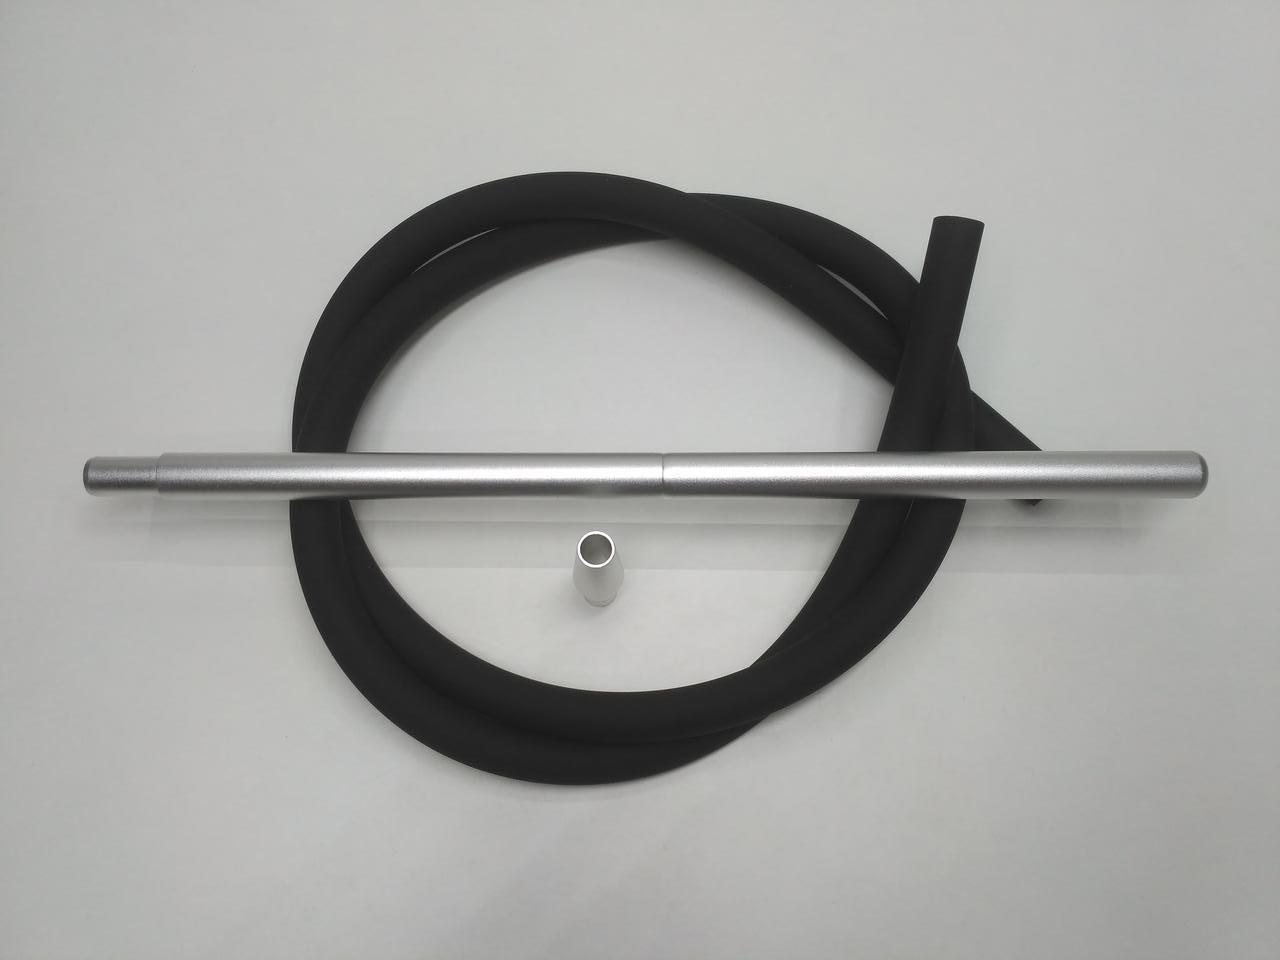 Шланг силиконовый Soft touch (Софт Тач ) с алюминиевыми мундштуками - цвет: Алюминий